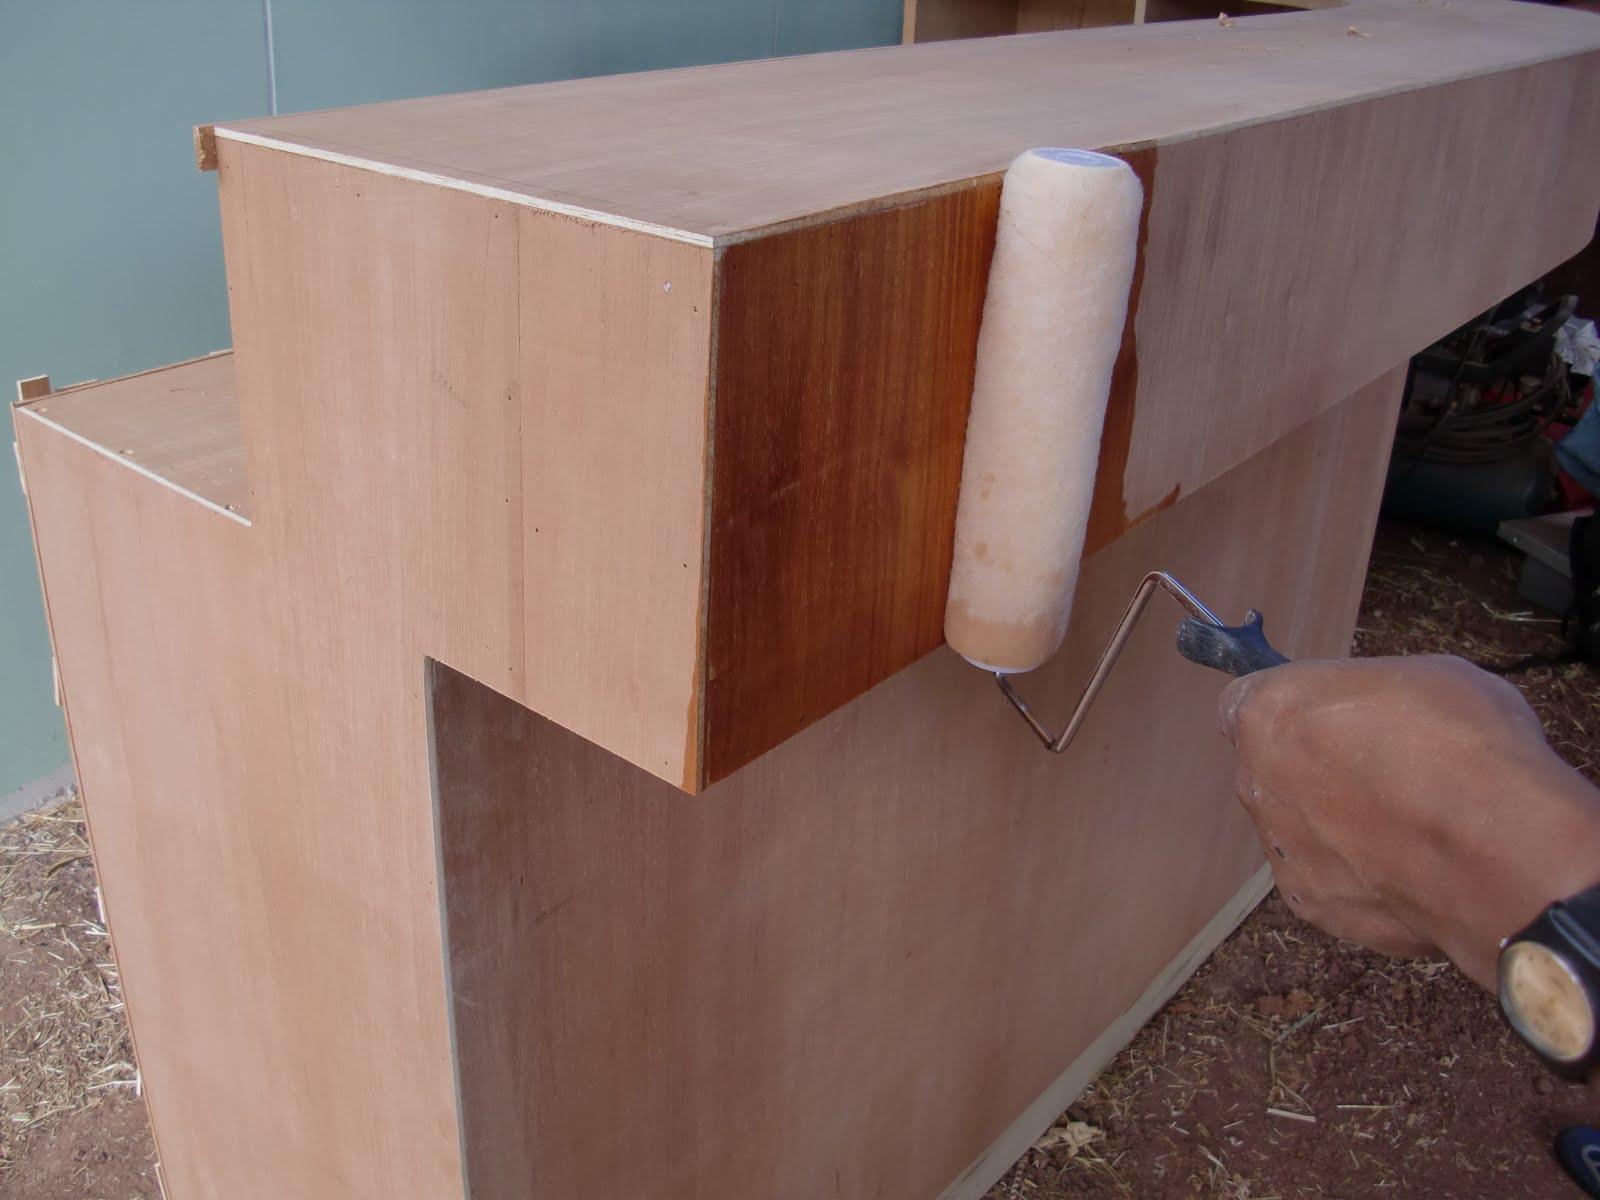 Decoraciones manualidades en madera pintar mueble paso a paso for Pintar mueble barnizado